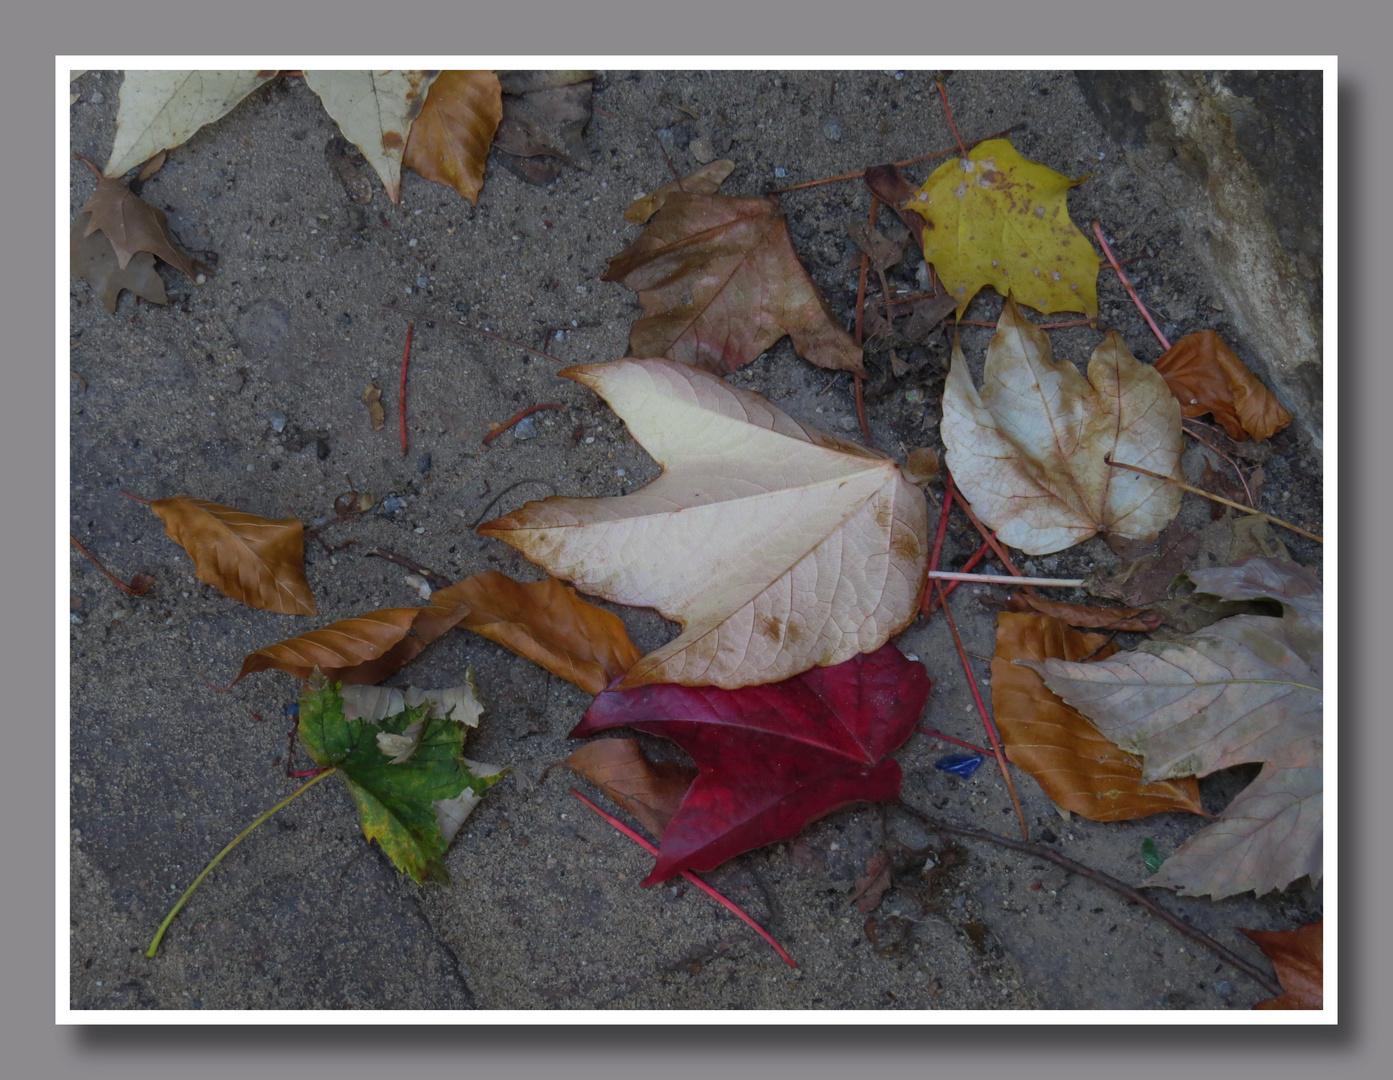 spät Nachmittags : schönen Sturm-Herbst getroffen,